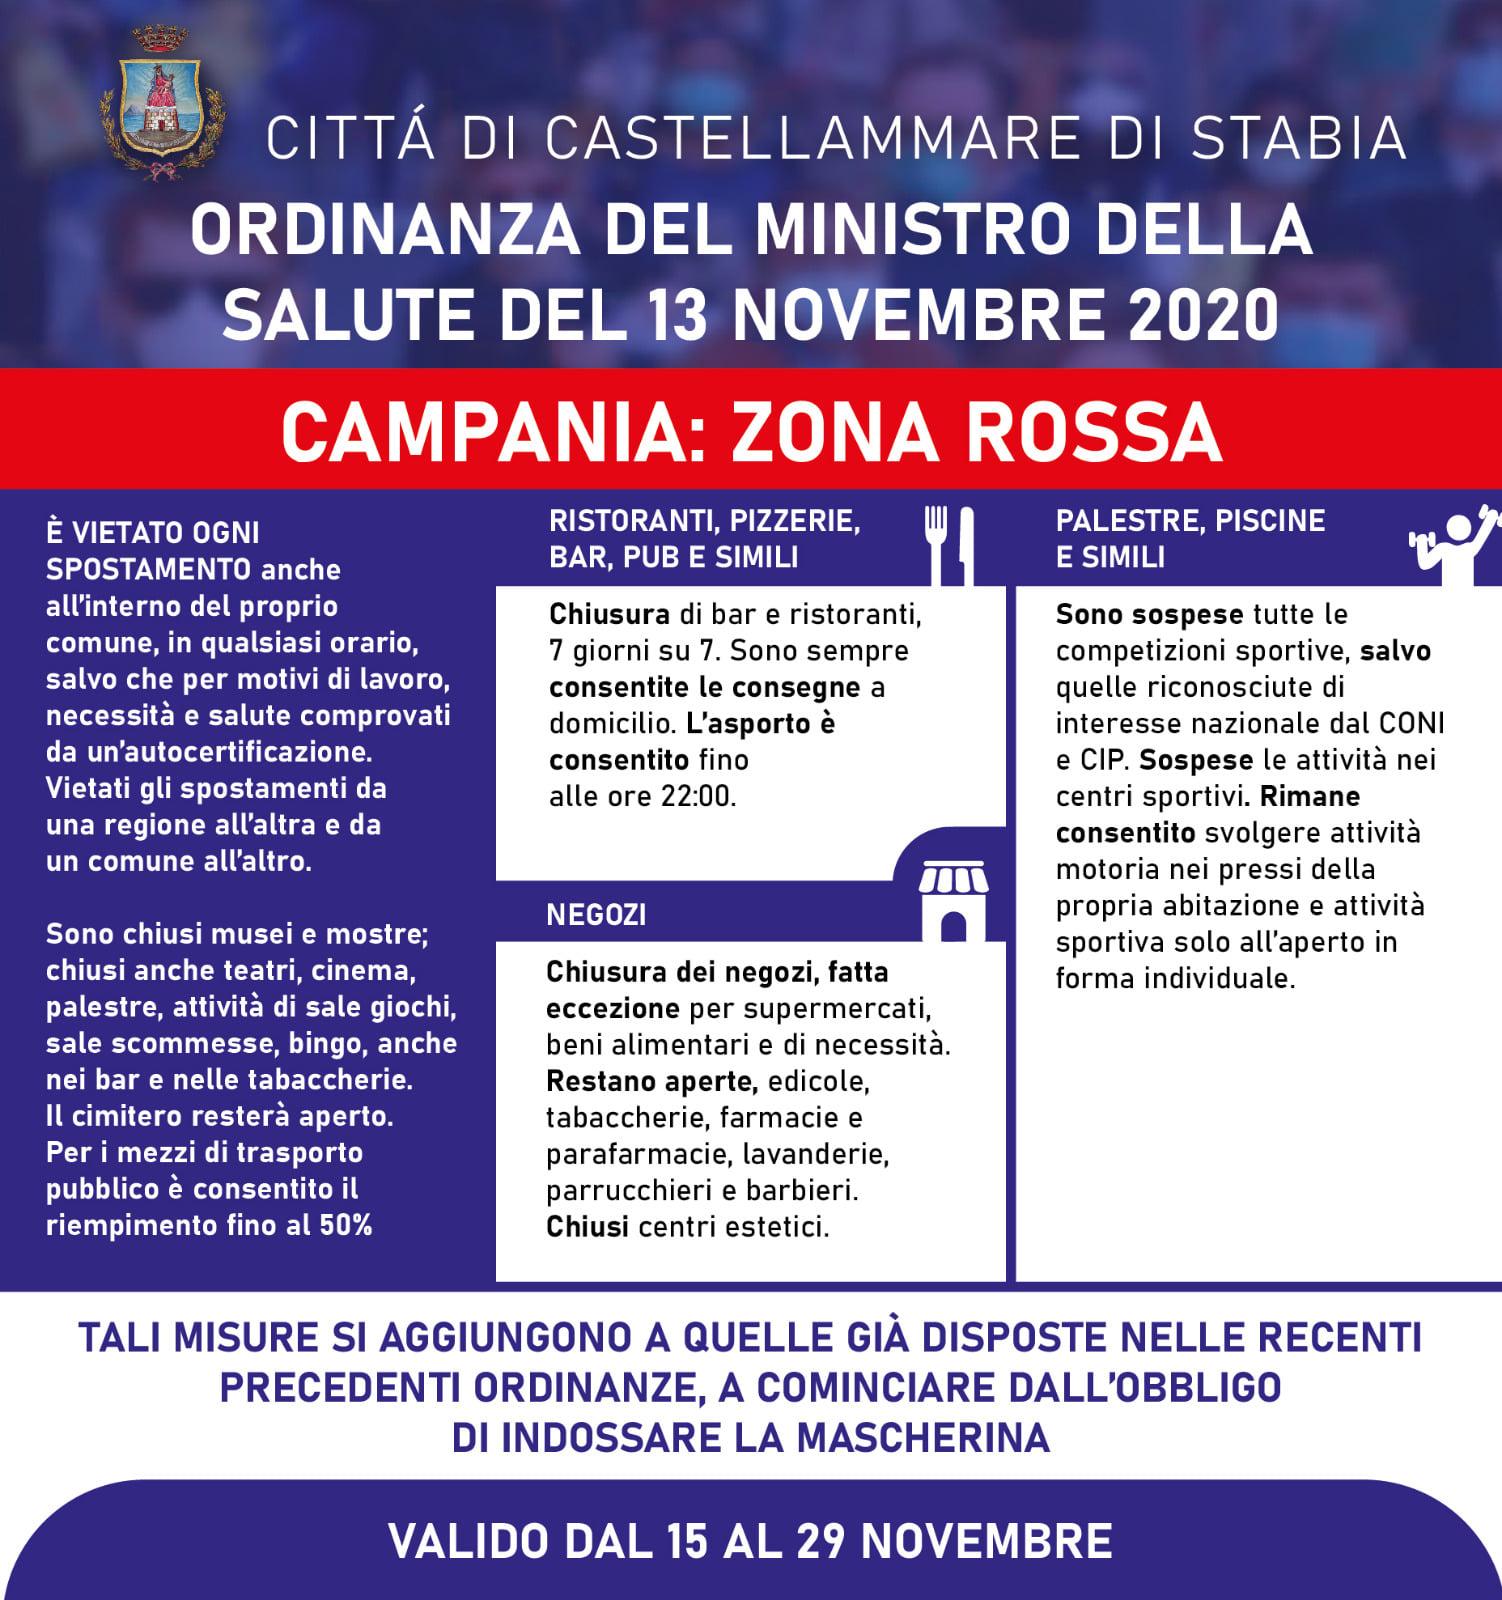 Covid-19 Fase 2 : la Regione Campania diventa Area Rossa